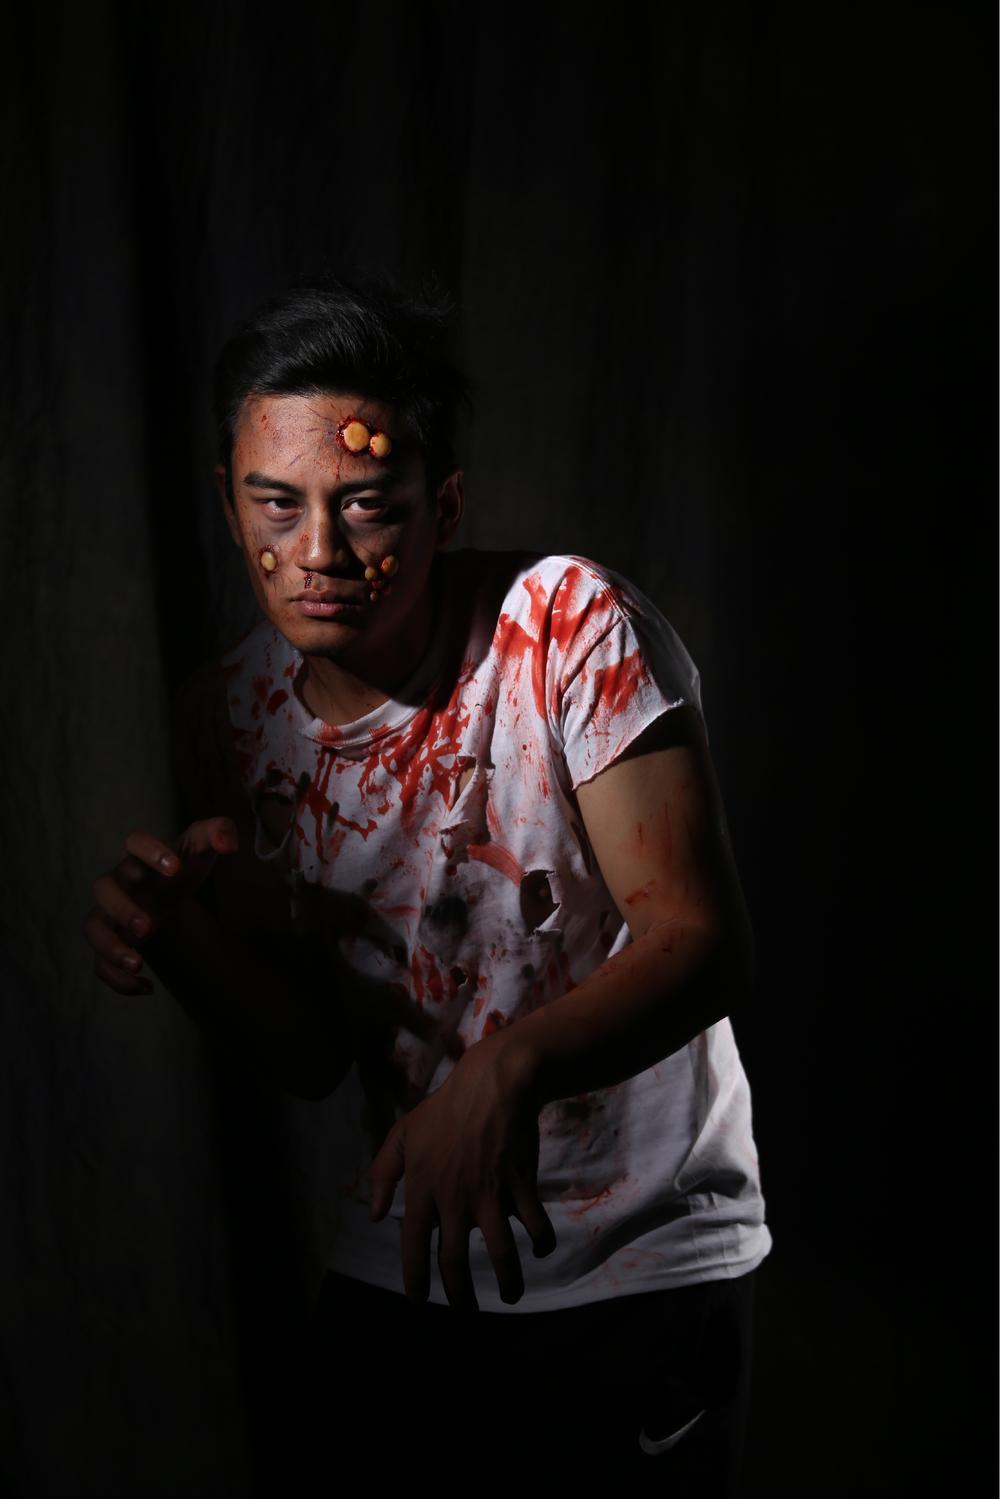 portrait shot-405 PNG unedit attempt.png